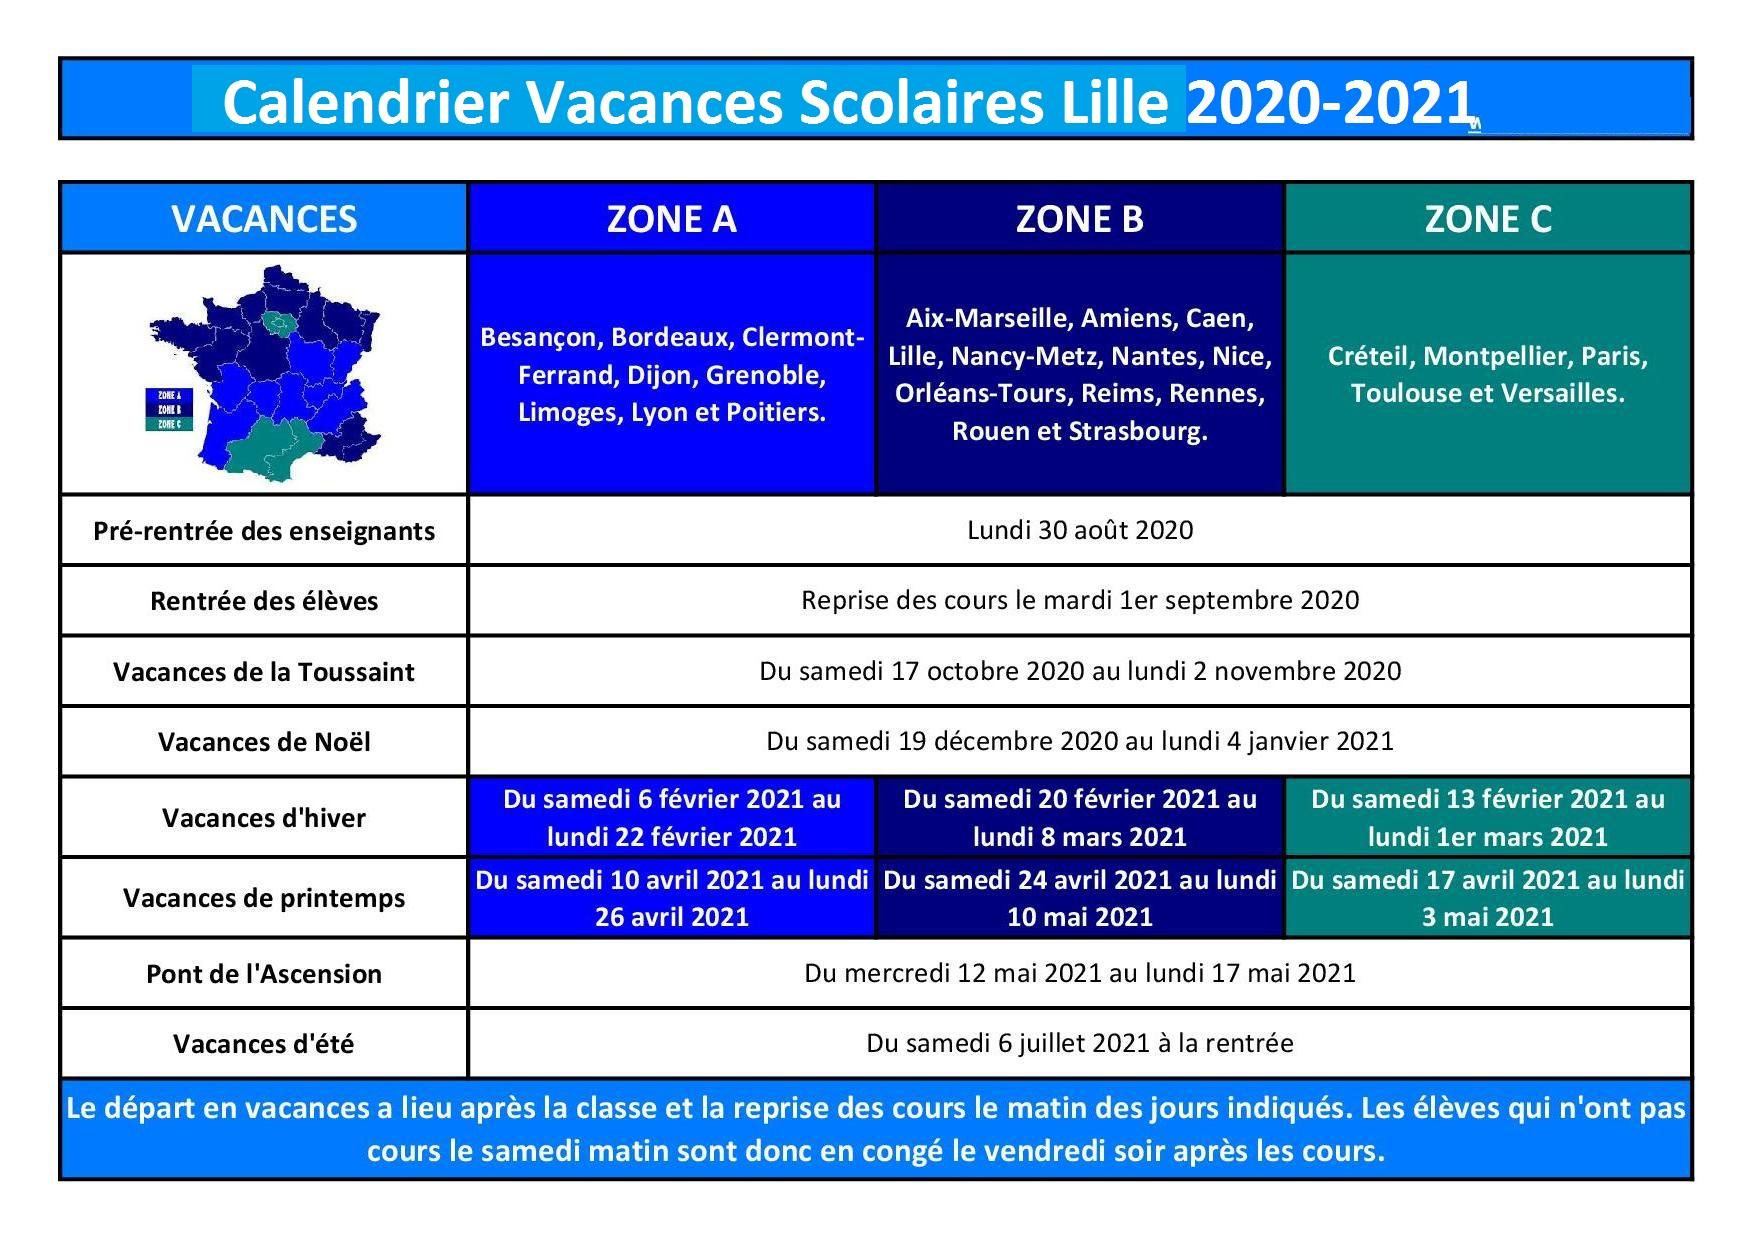 Calendrier Vacances Scolaires 2020 Academie De Lille